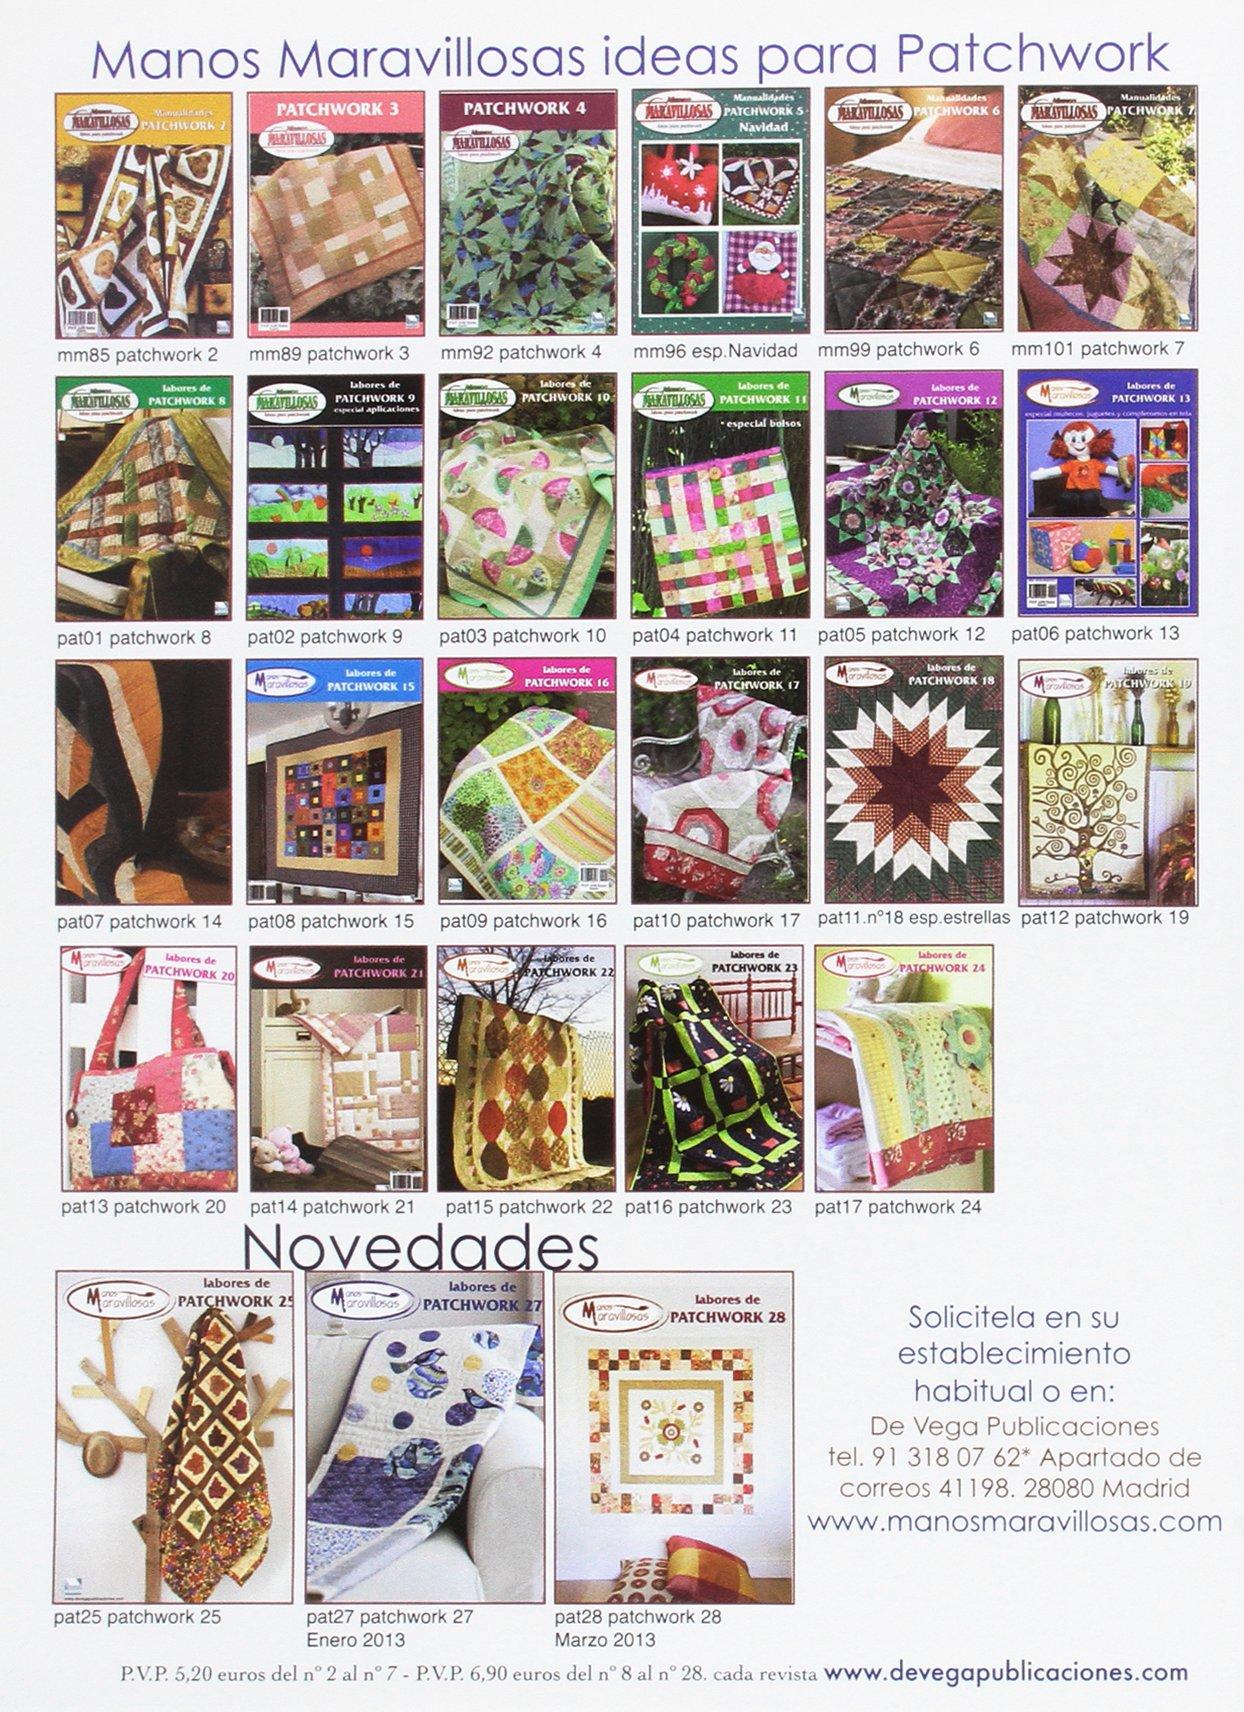 Amazon.com: LABORES DE PATCHWORK 26 (9788496558380): AAVV: Books